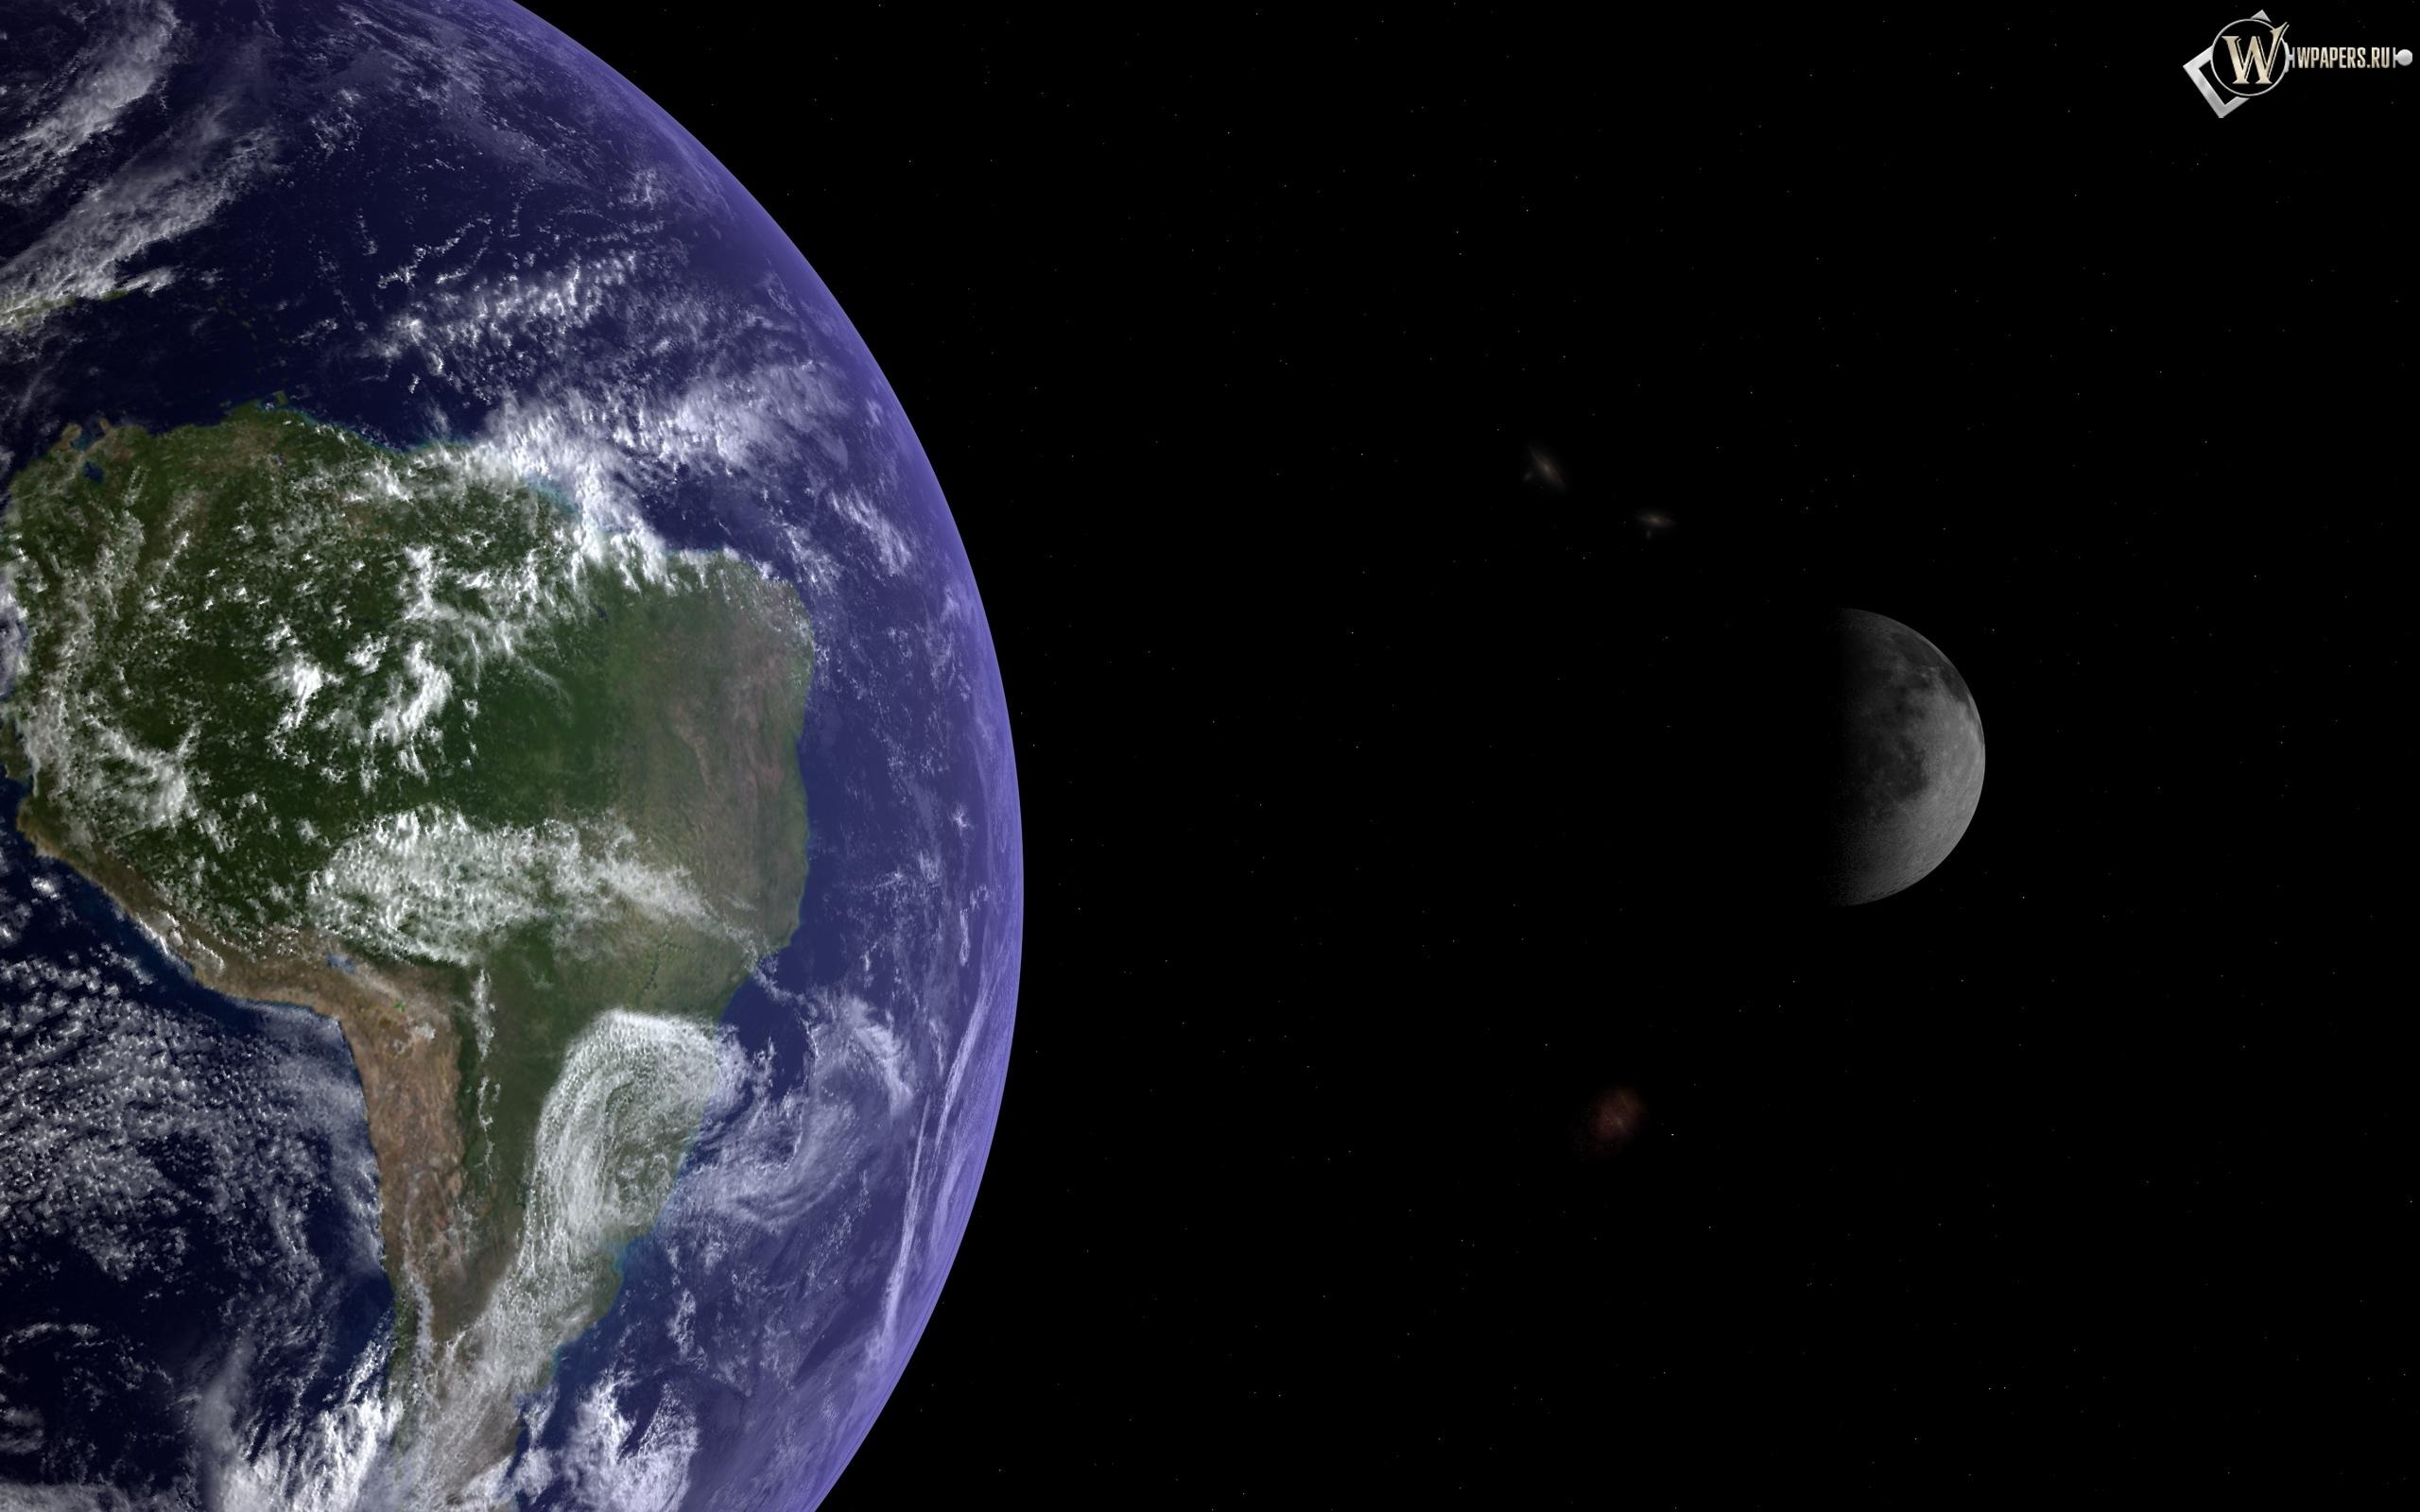 красивое фото с космоса земли и луны международной шахматной федерации